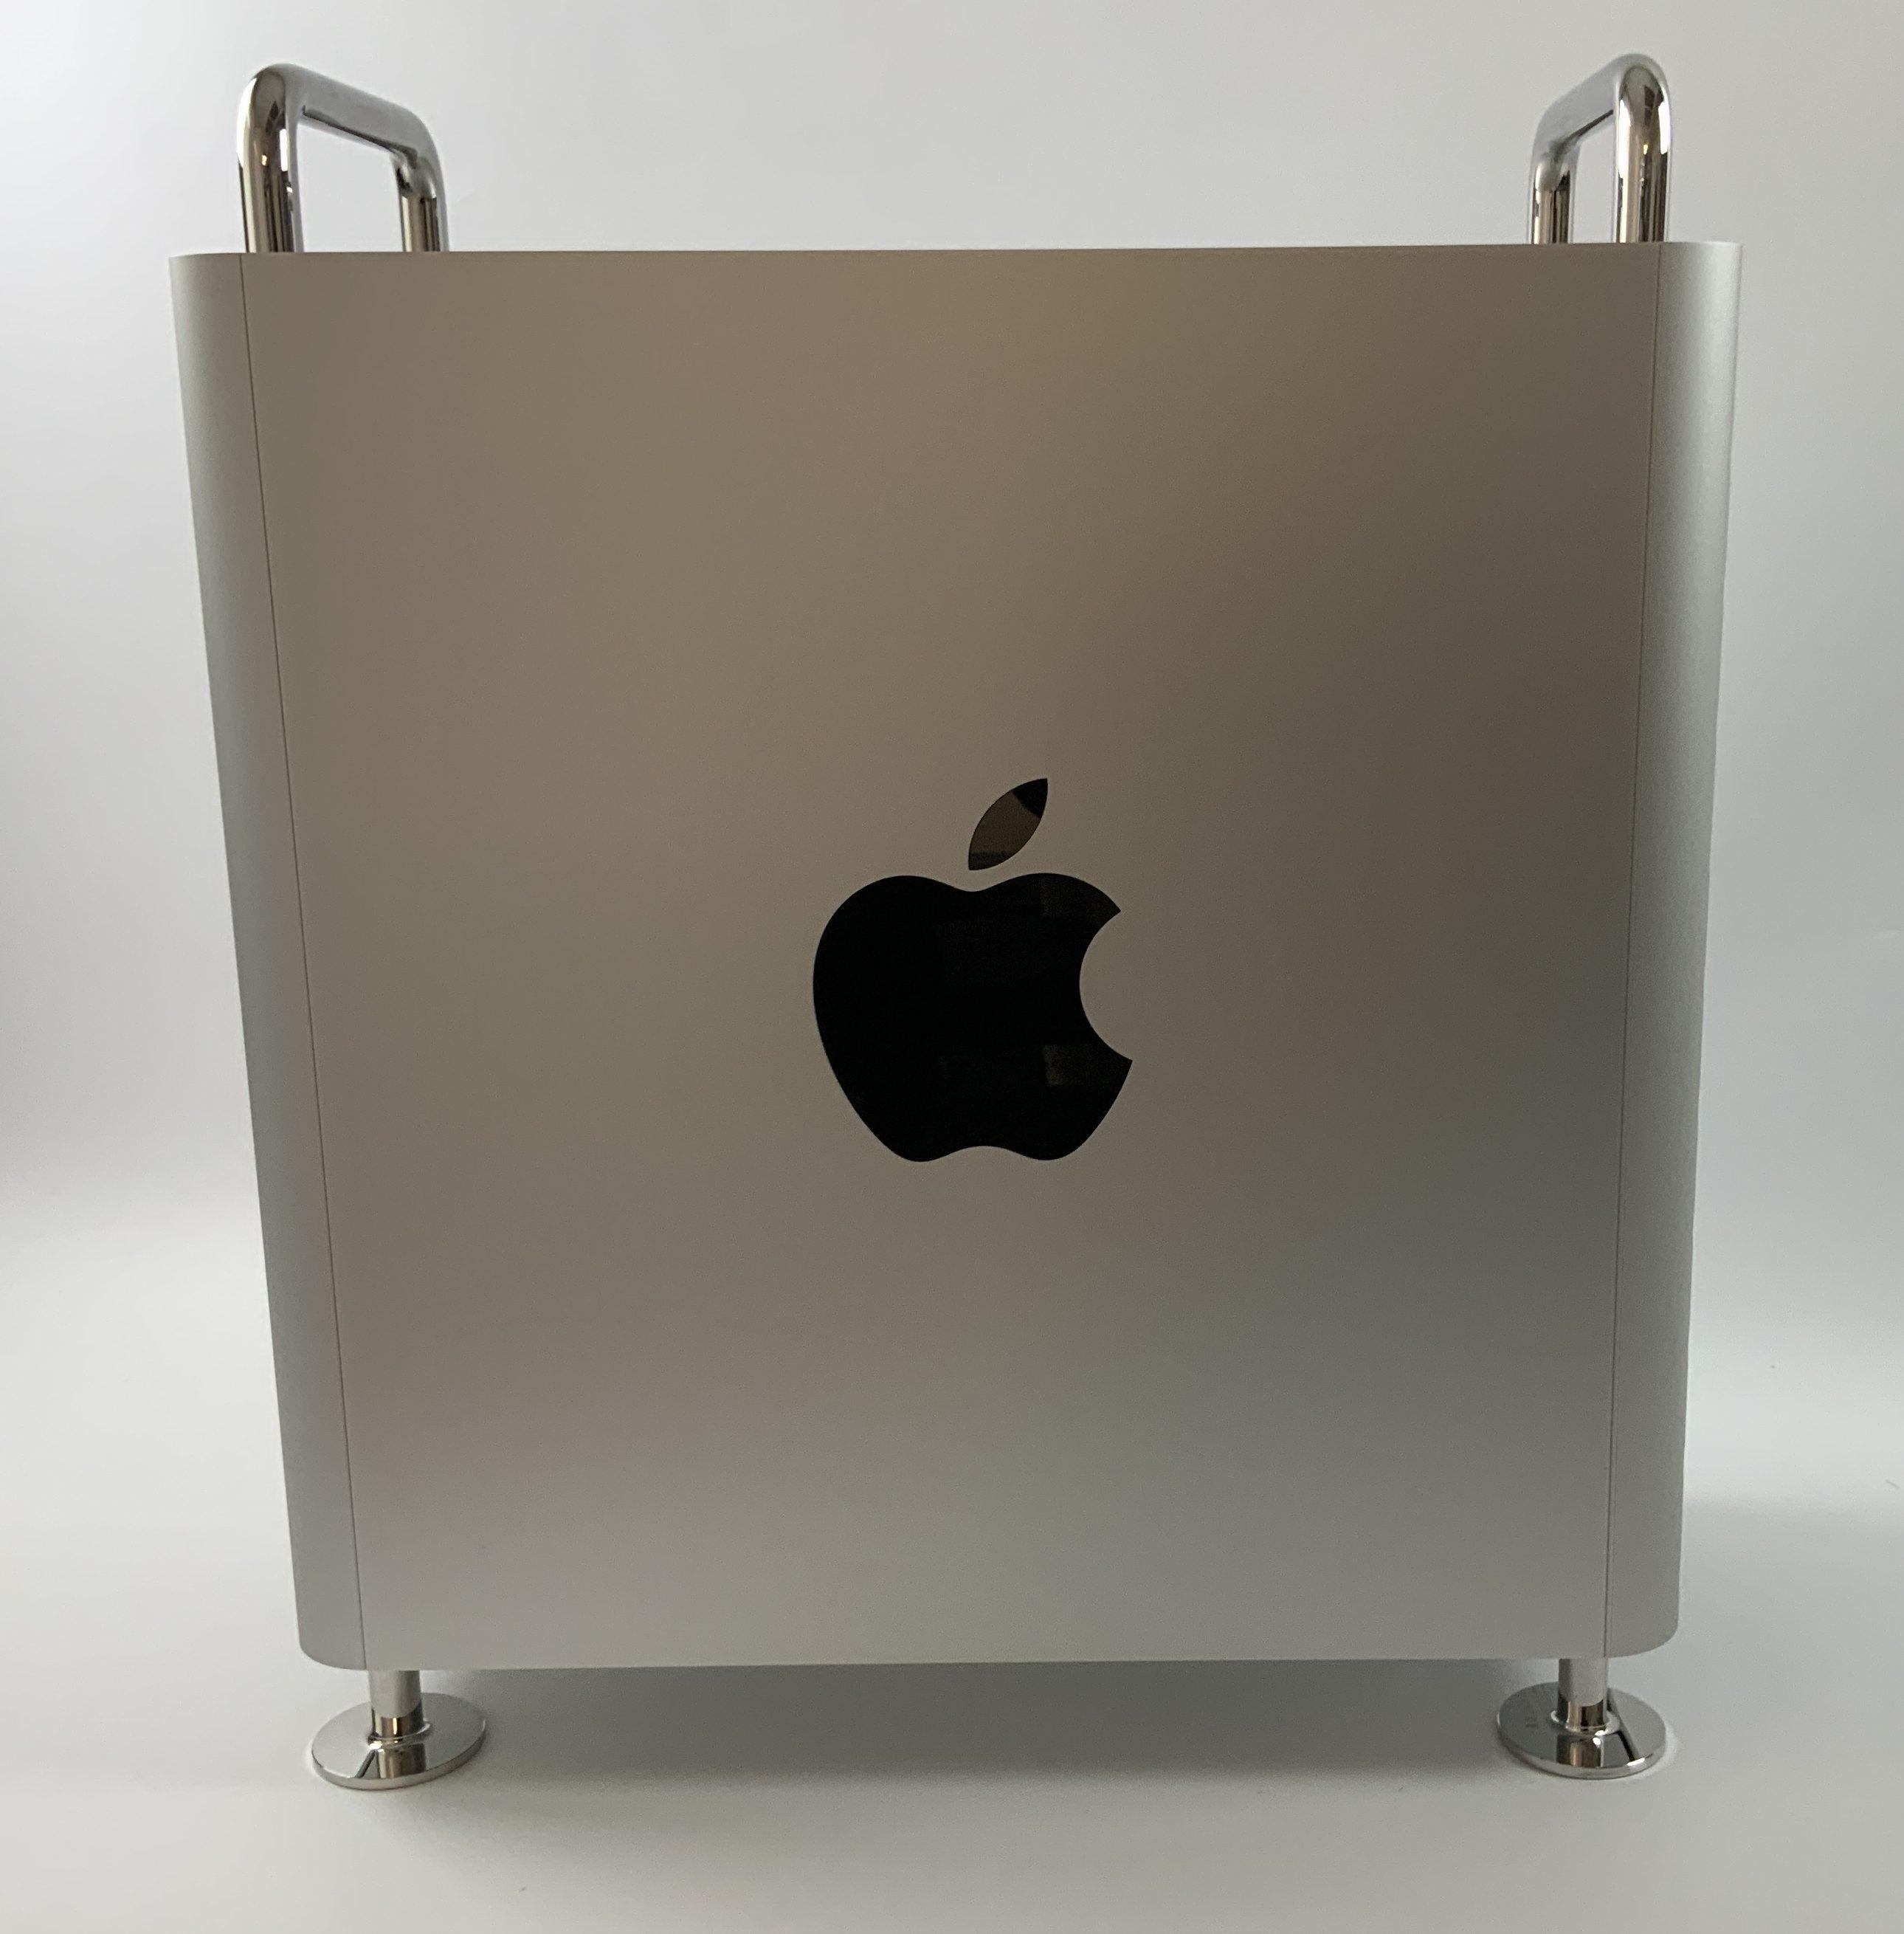 Mac Pro Late 2019 (Intel 8-Core Xeon W 3.5 GHz 32 GB RAM 1 TB SSD), Intel 8-Core Xeon W 3.5 GHz, 32 GB RAM, 1 TB SSD, imagen 1